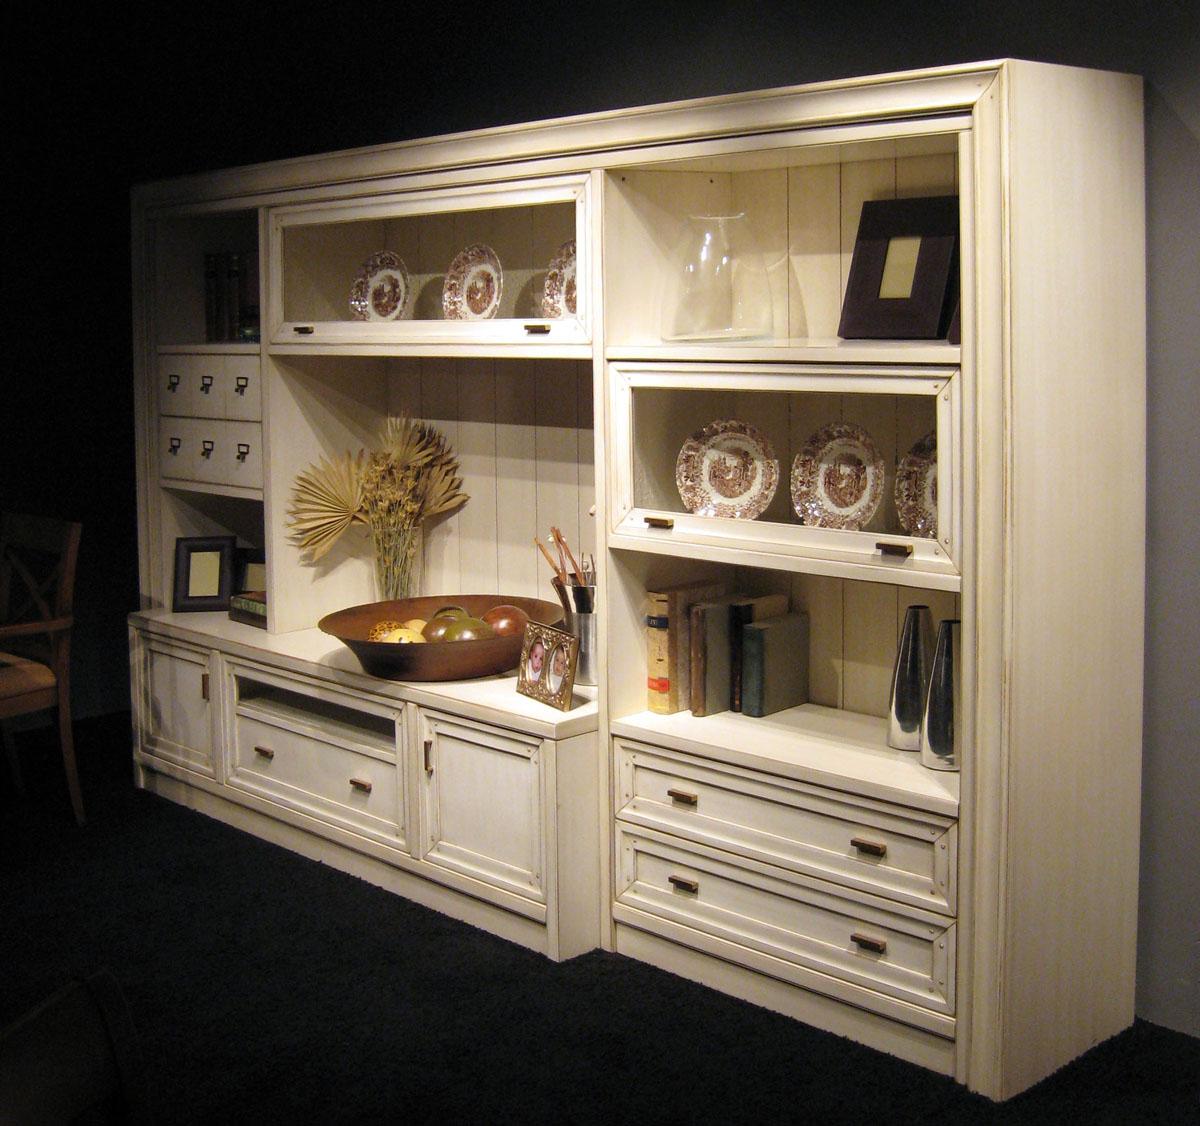 7 mueble salon merino zaidin for Akara muebles yecla